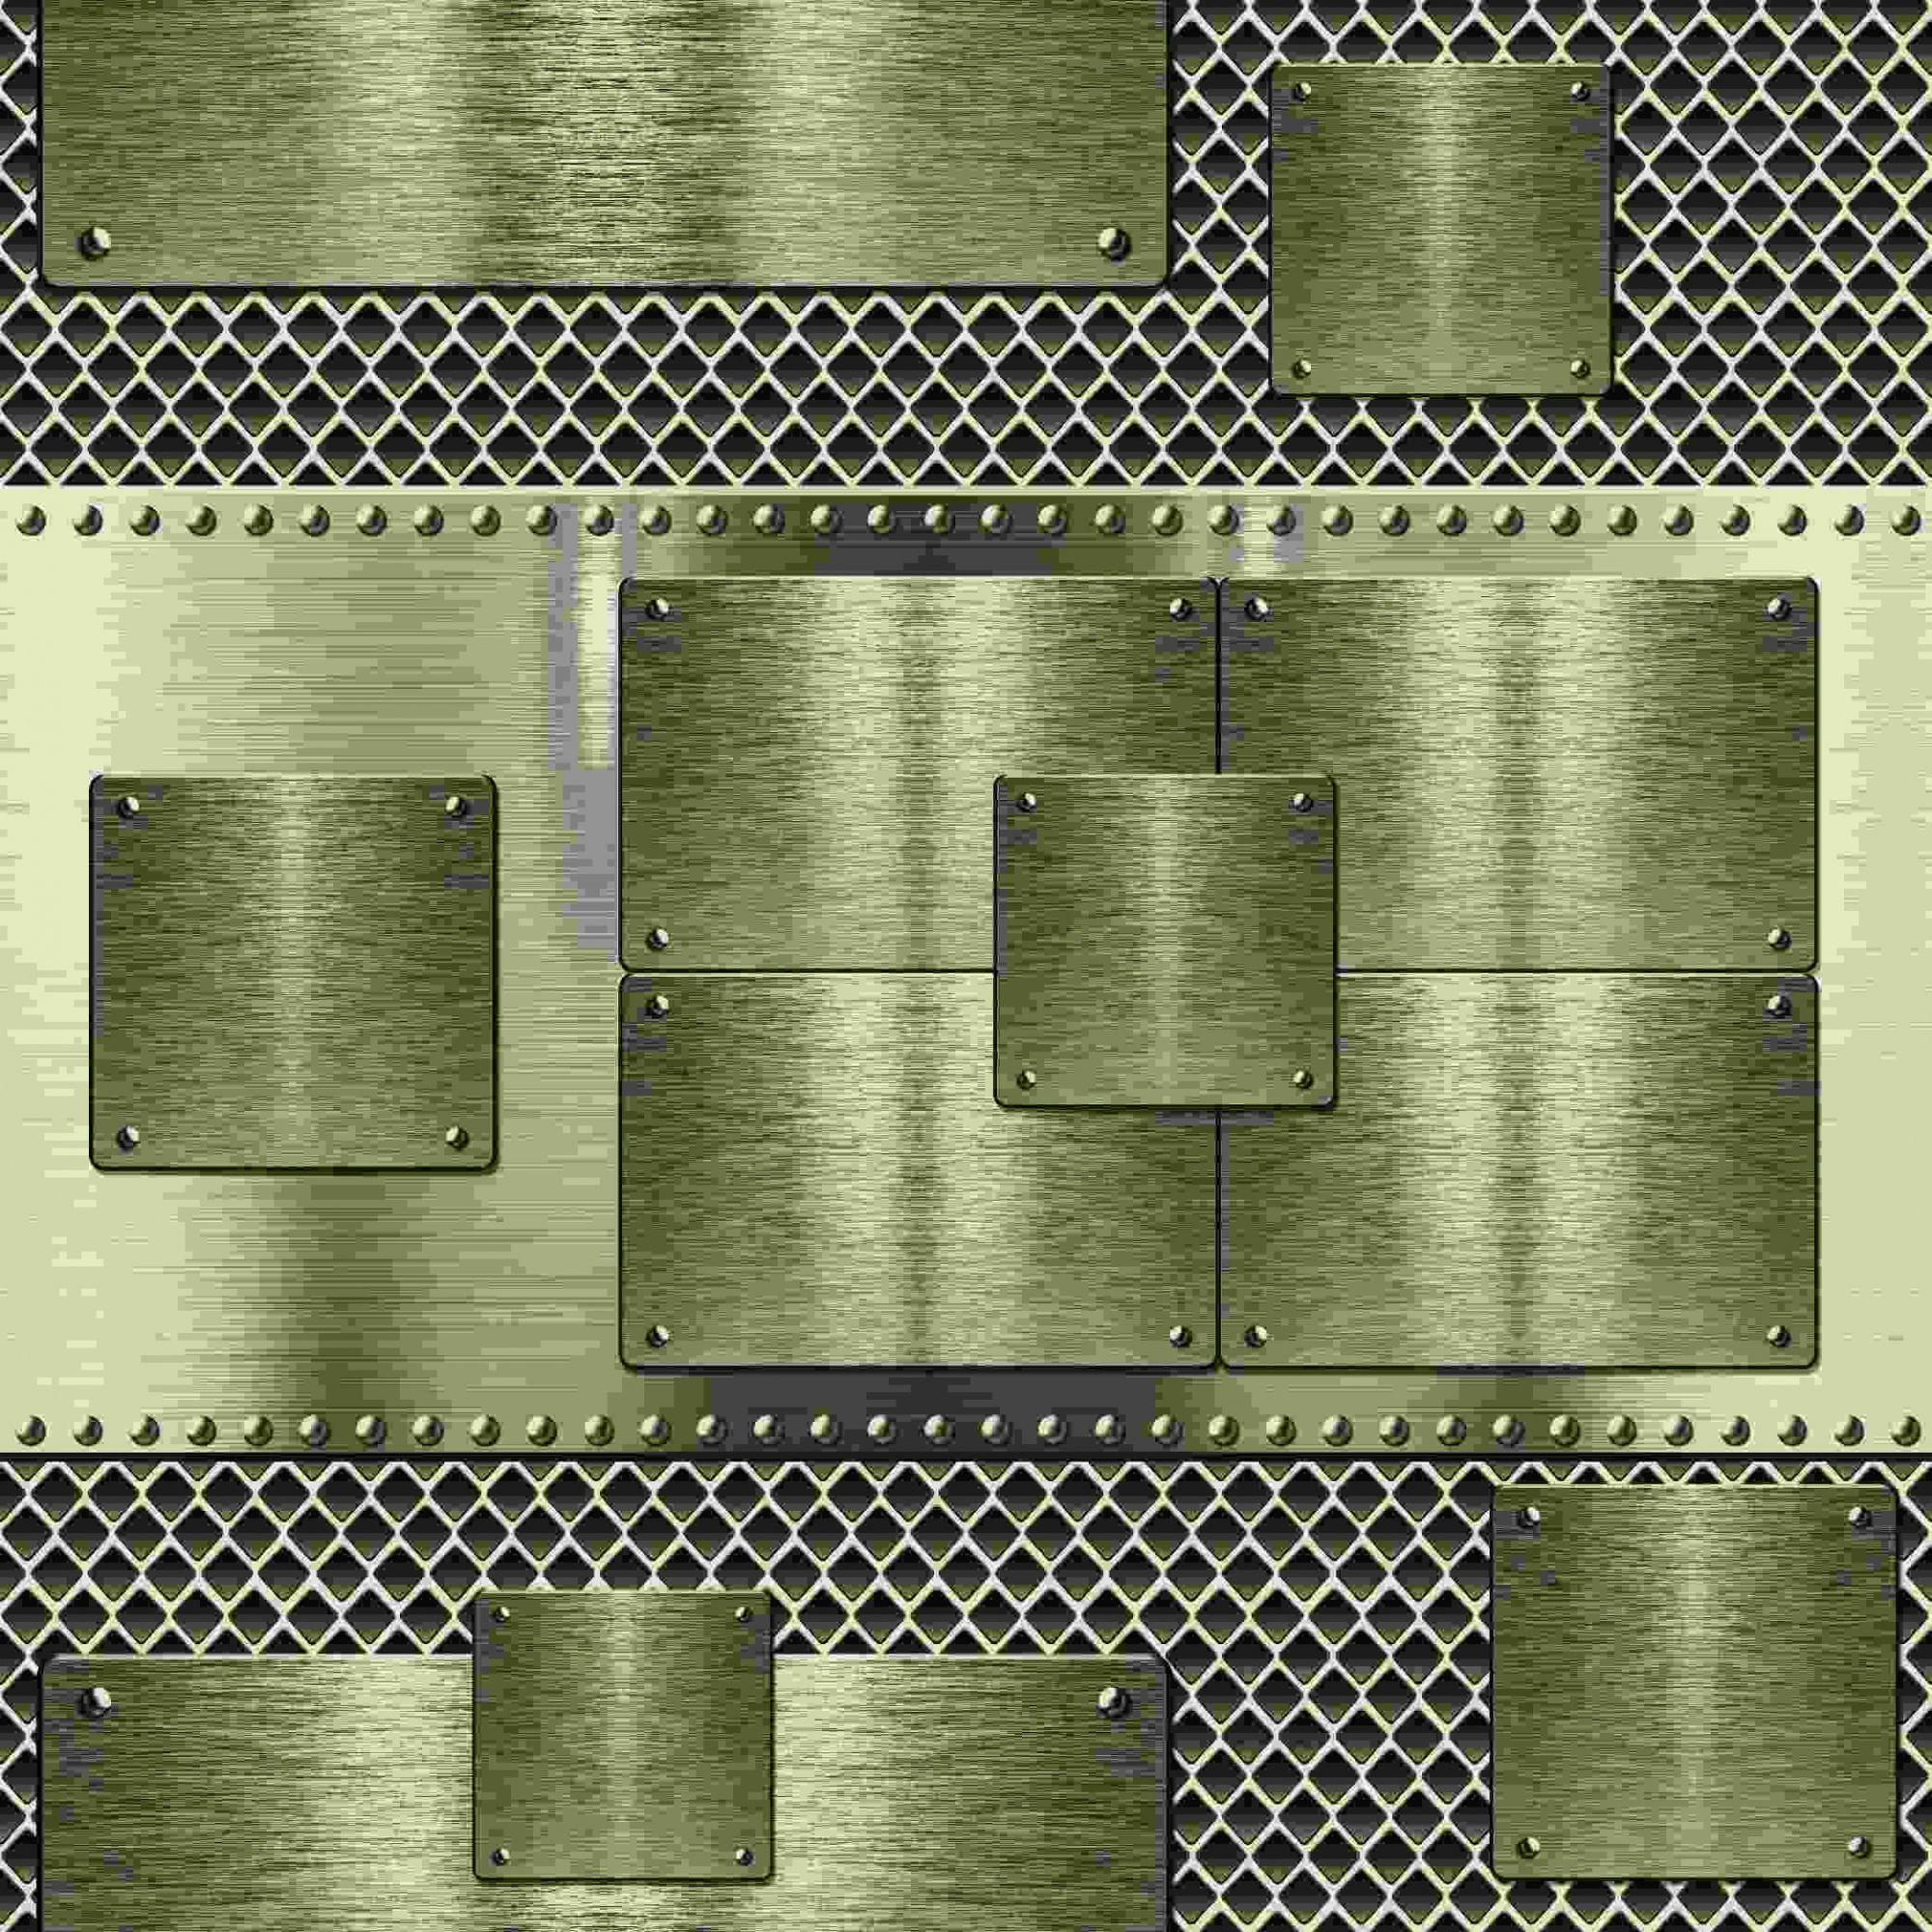 Papel de Parede Kan Tai Vinílico Coleção Neonature 5 Geométrico Amarelado metalizado